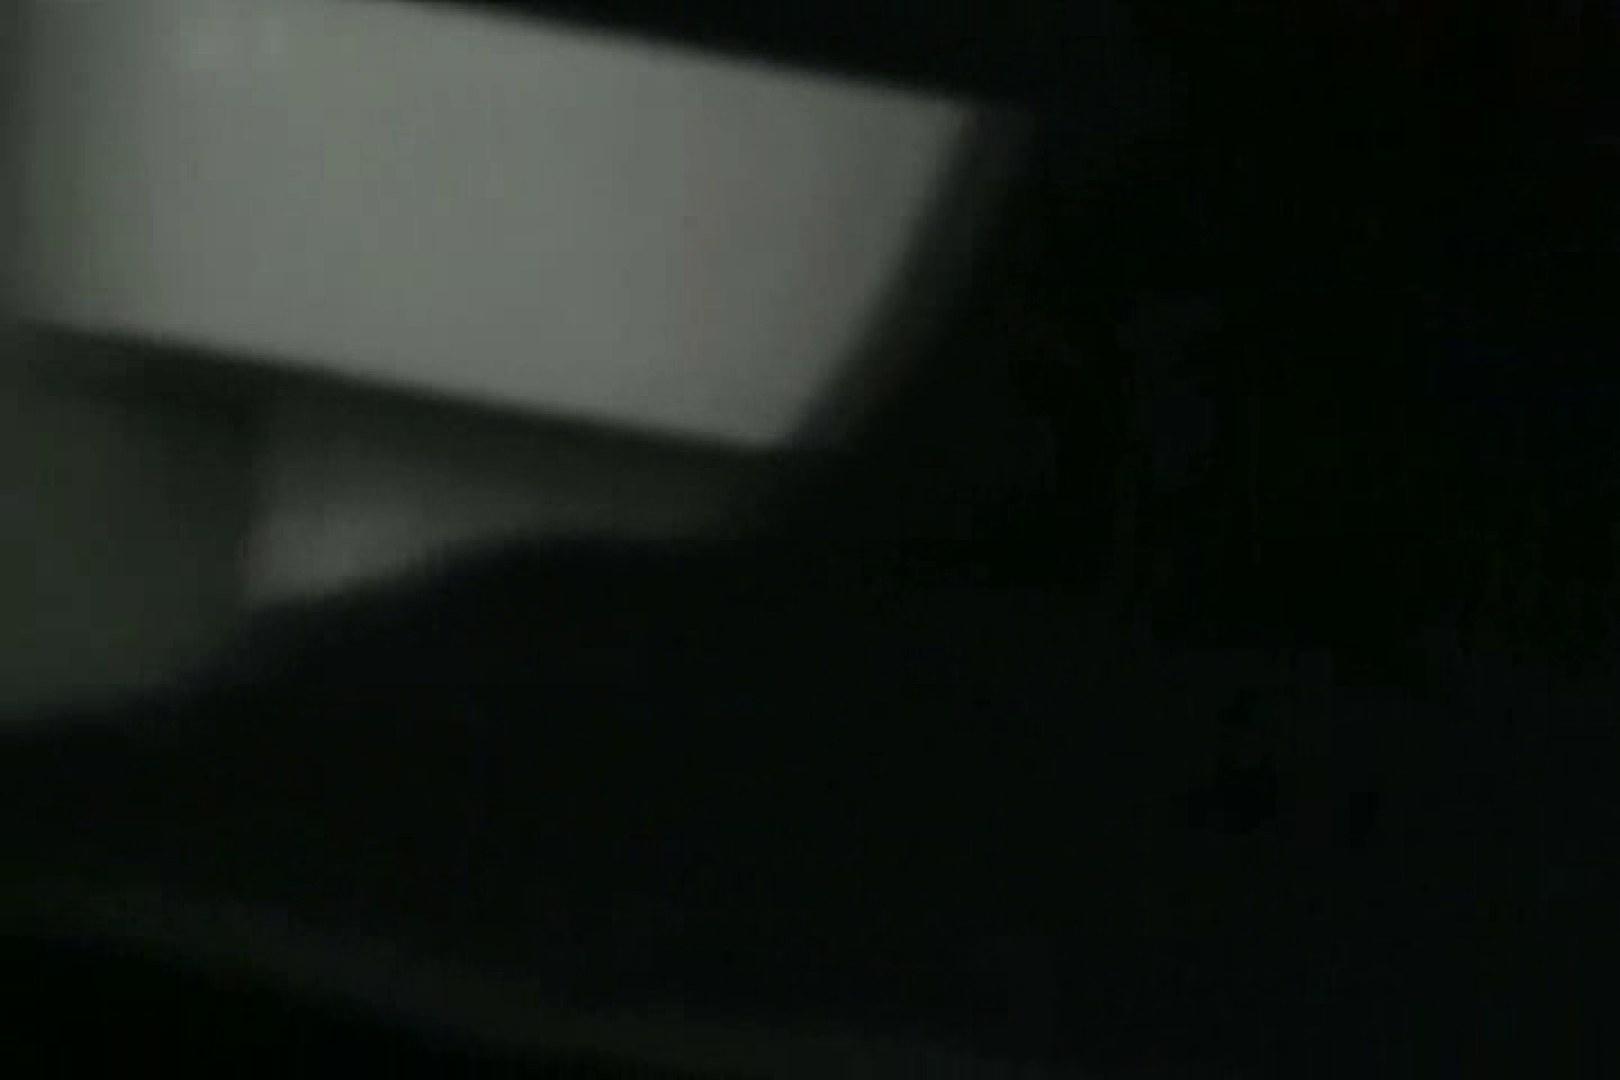 ぼっとん洗面所スペシャルVol.14 おまんこ | 洗面所突入  105pic 16